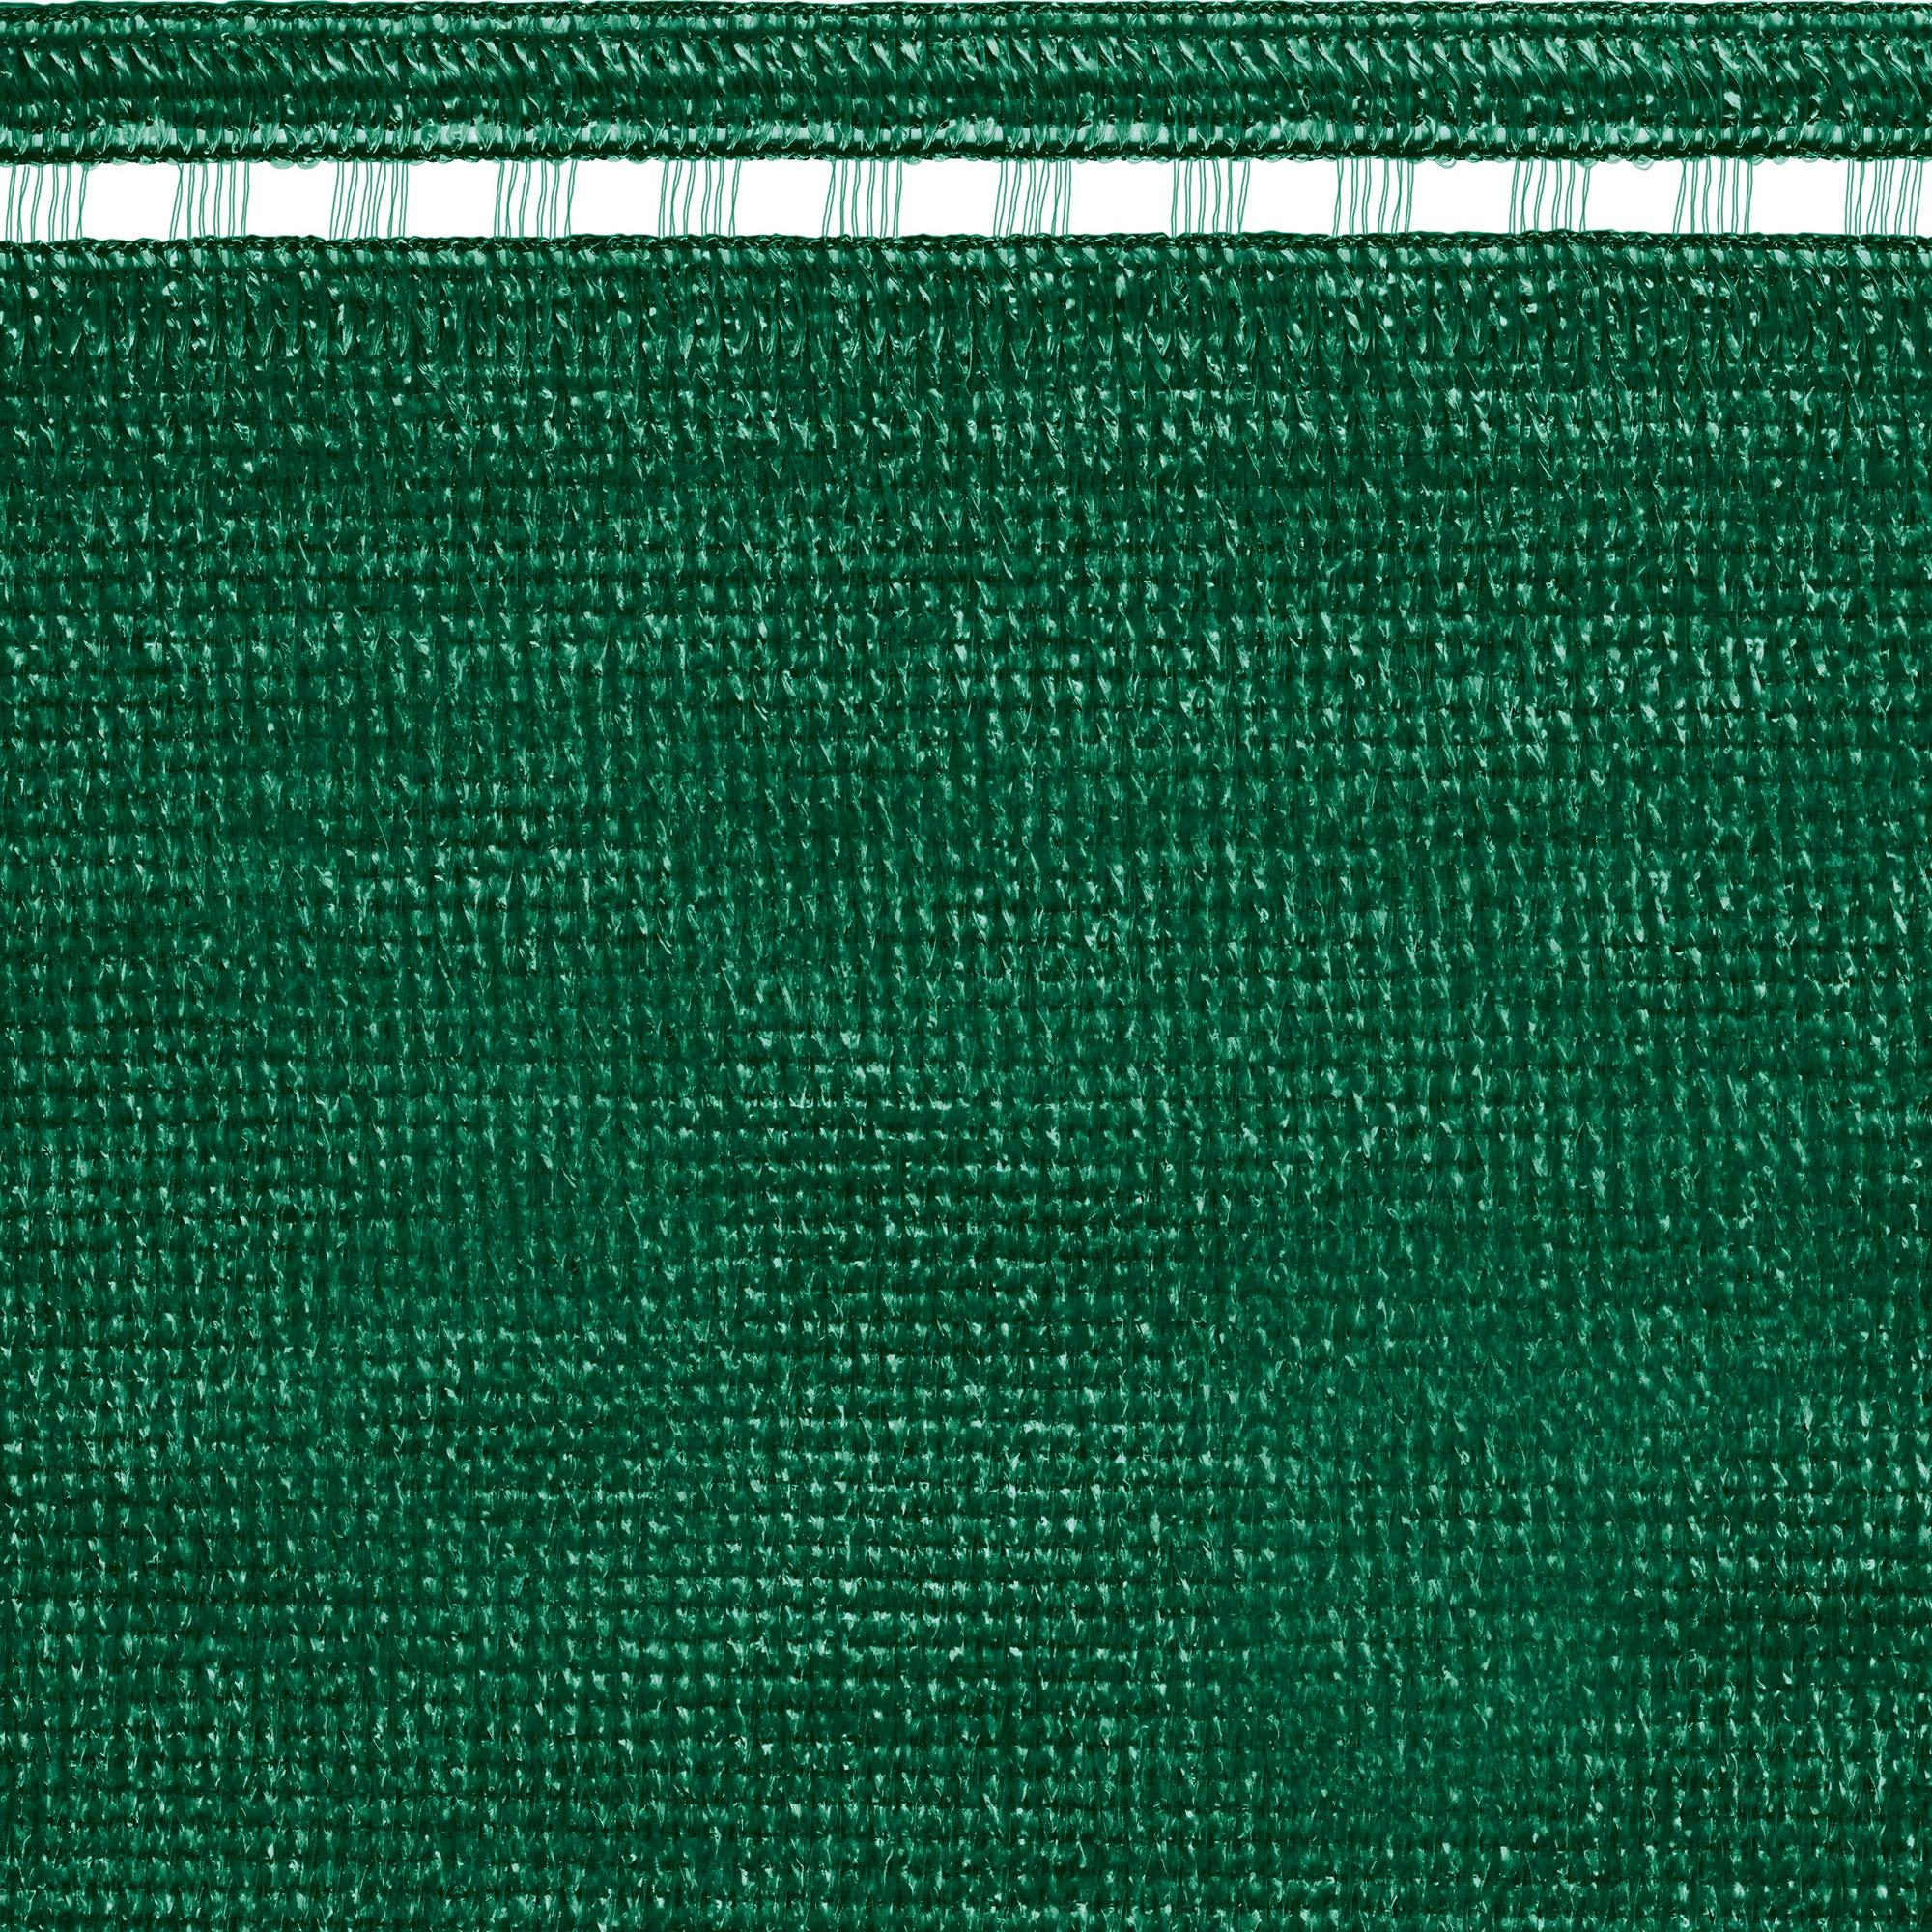 Tenax 73312016 Coimbra Malla Tejida de ocultación 500 x 100 cm: Amazon.es: Jardín